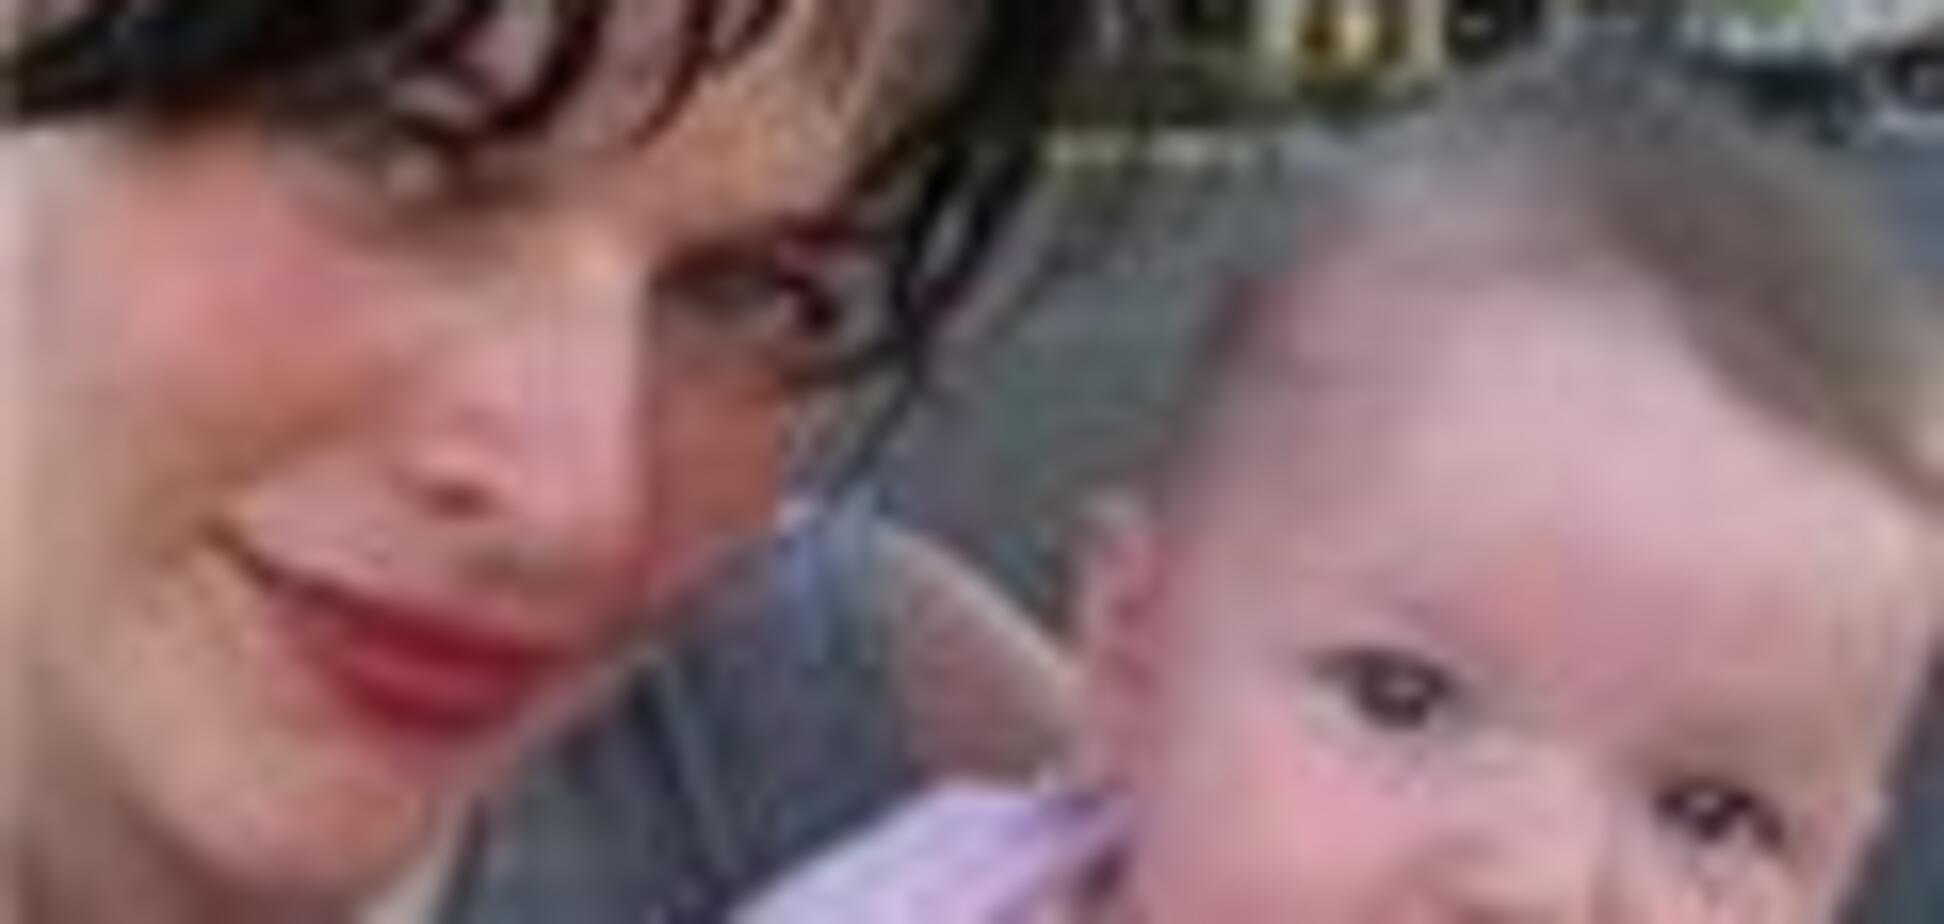 Мілла Йовович показала свою доньку. Безкоштовно